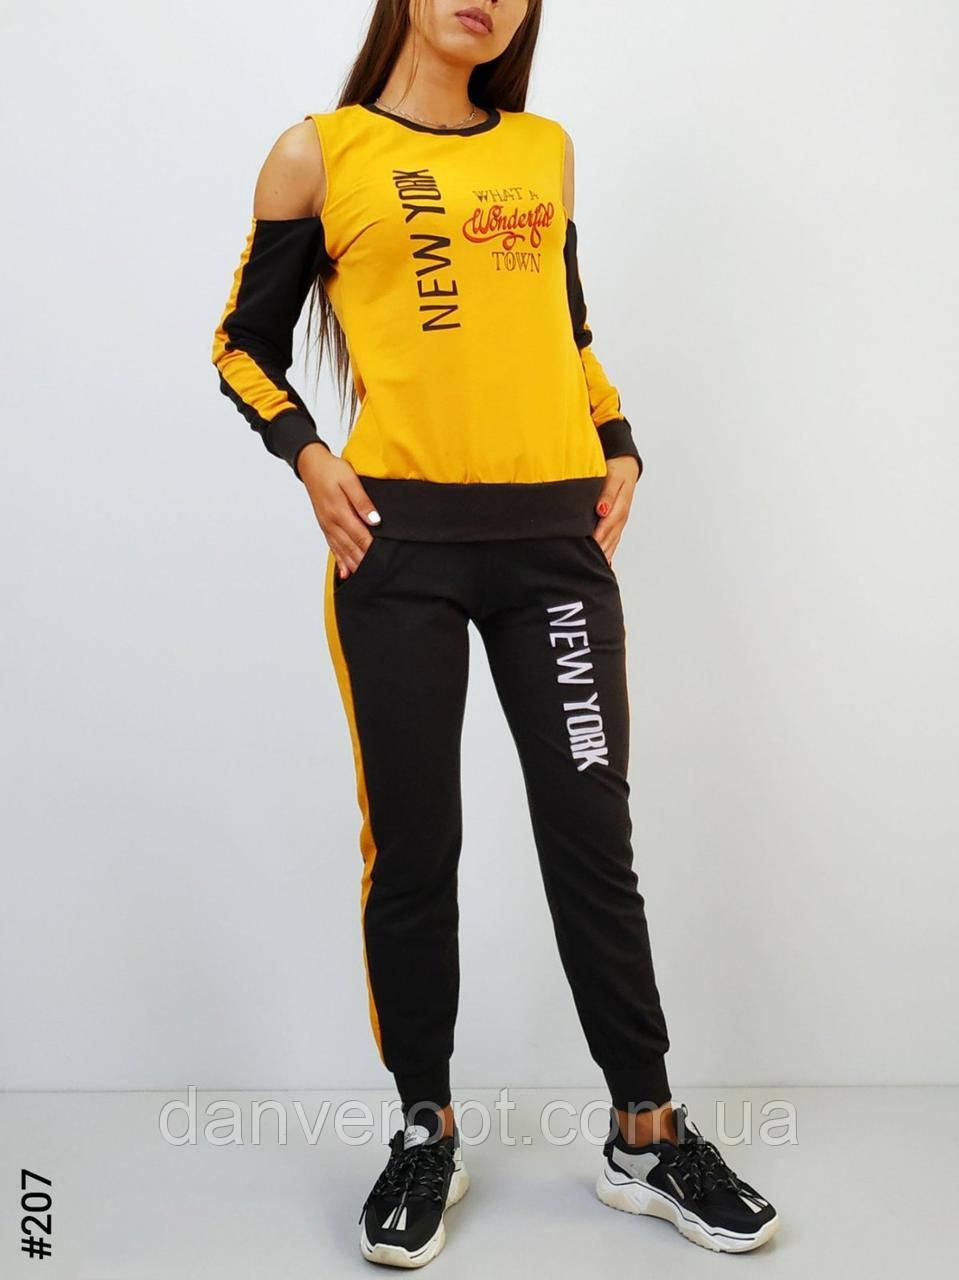 Костюм спортивный женский NEW YORK размер S-XL купить оптом со склада 7км Одесса